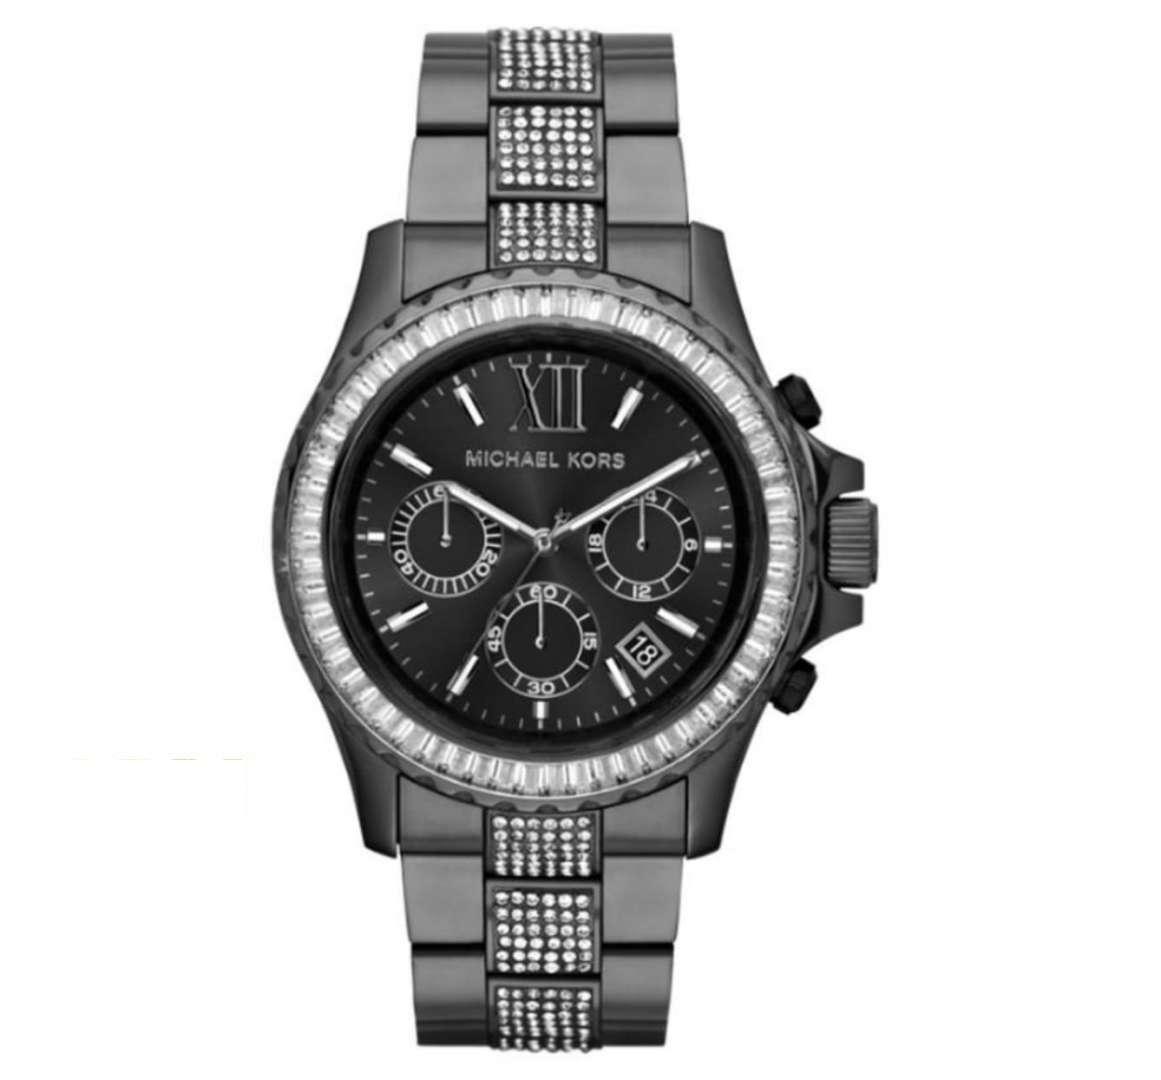 שעון יד אנלוגי לגבר michael kors mk5829 מייקל קורס